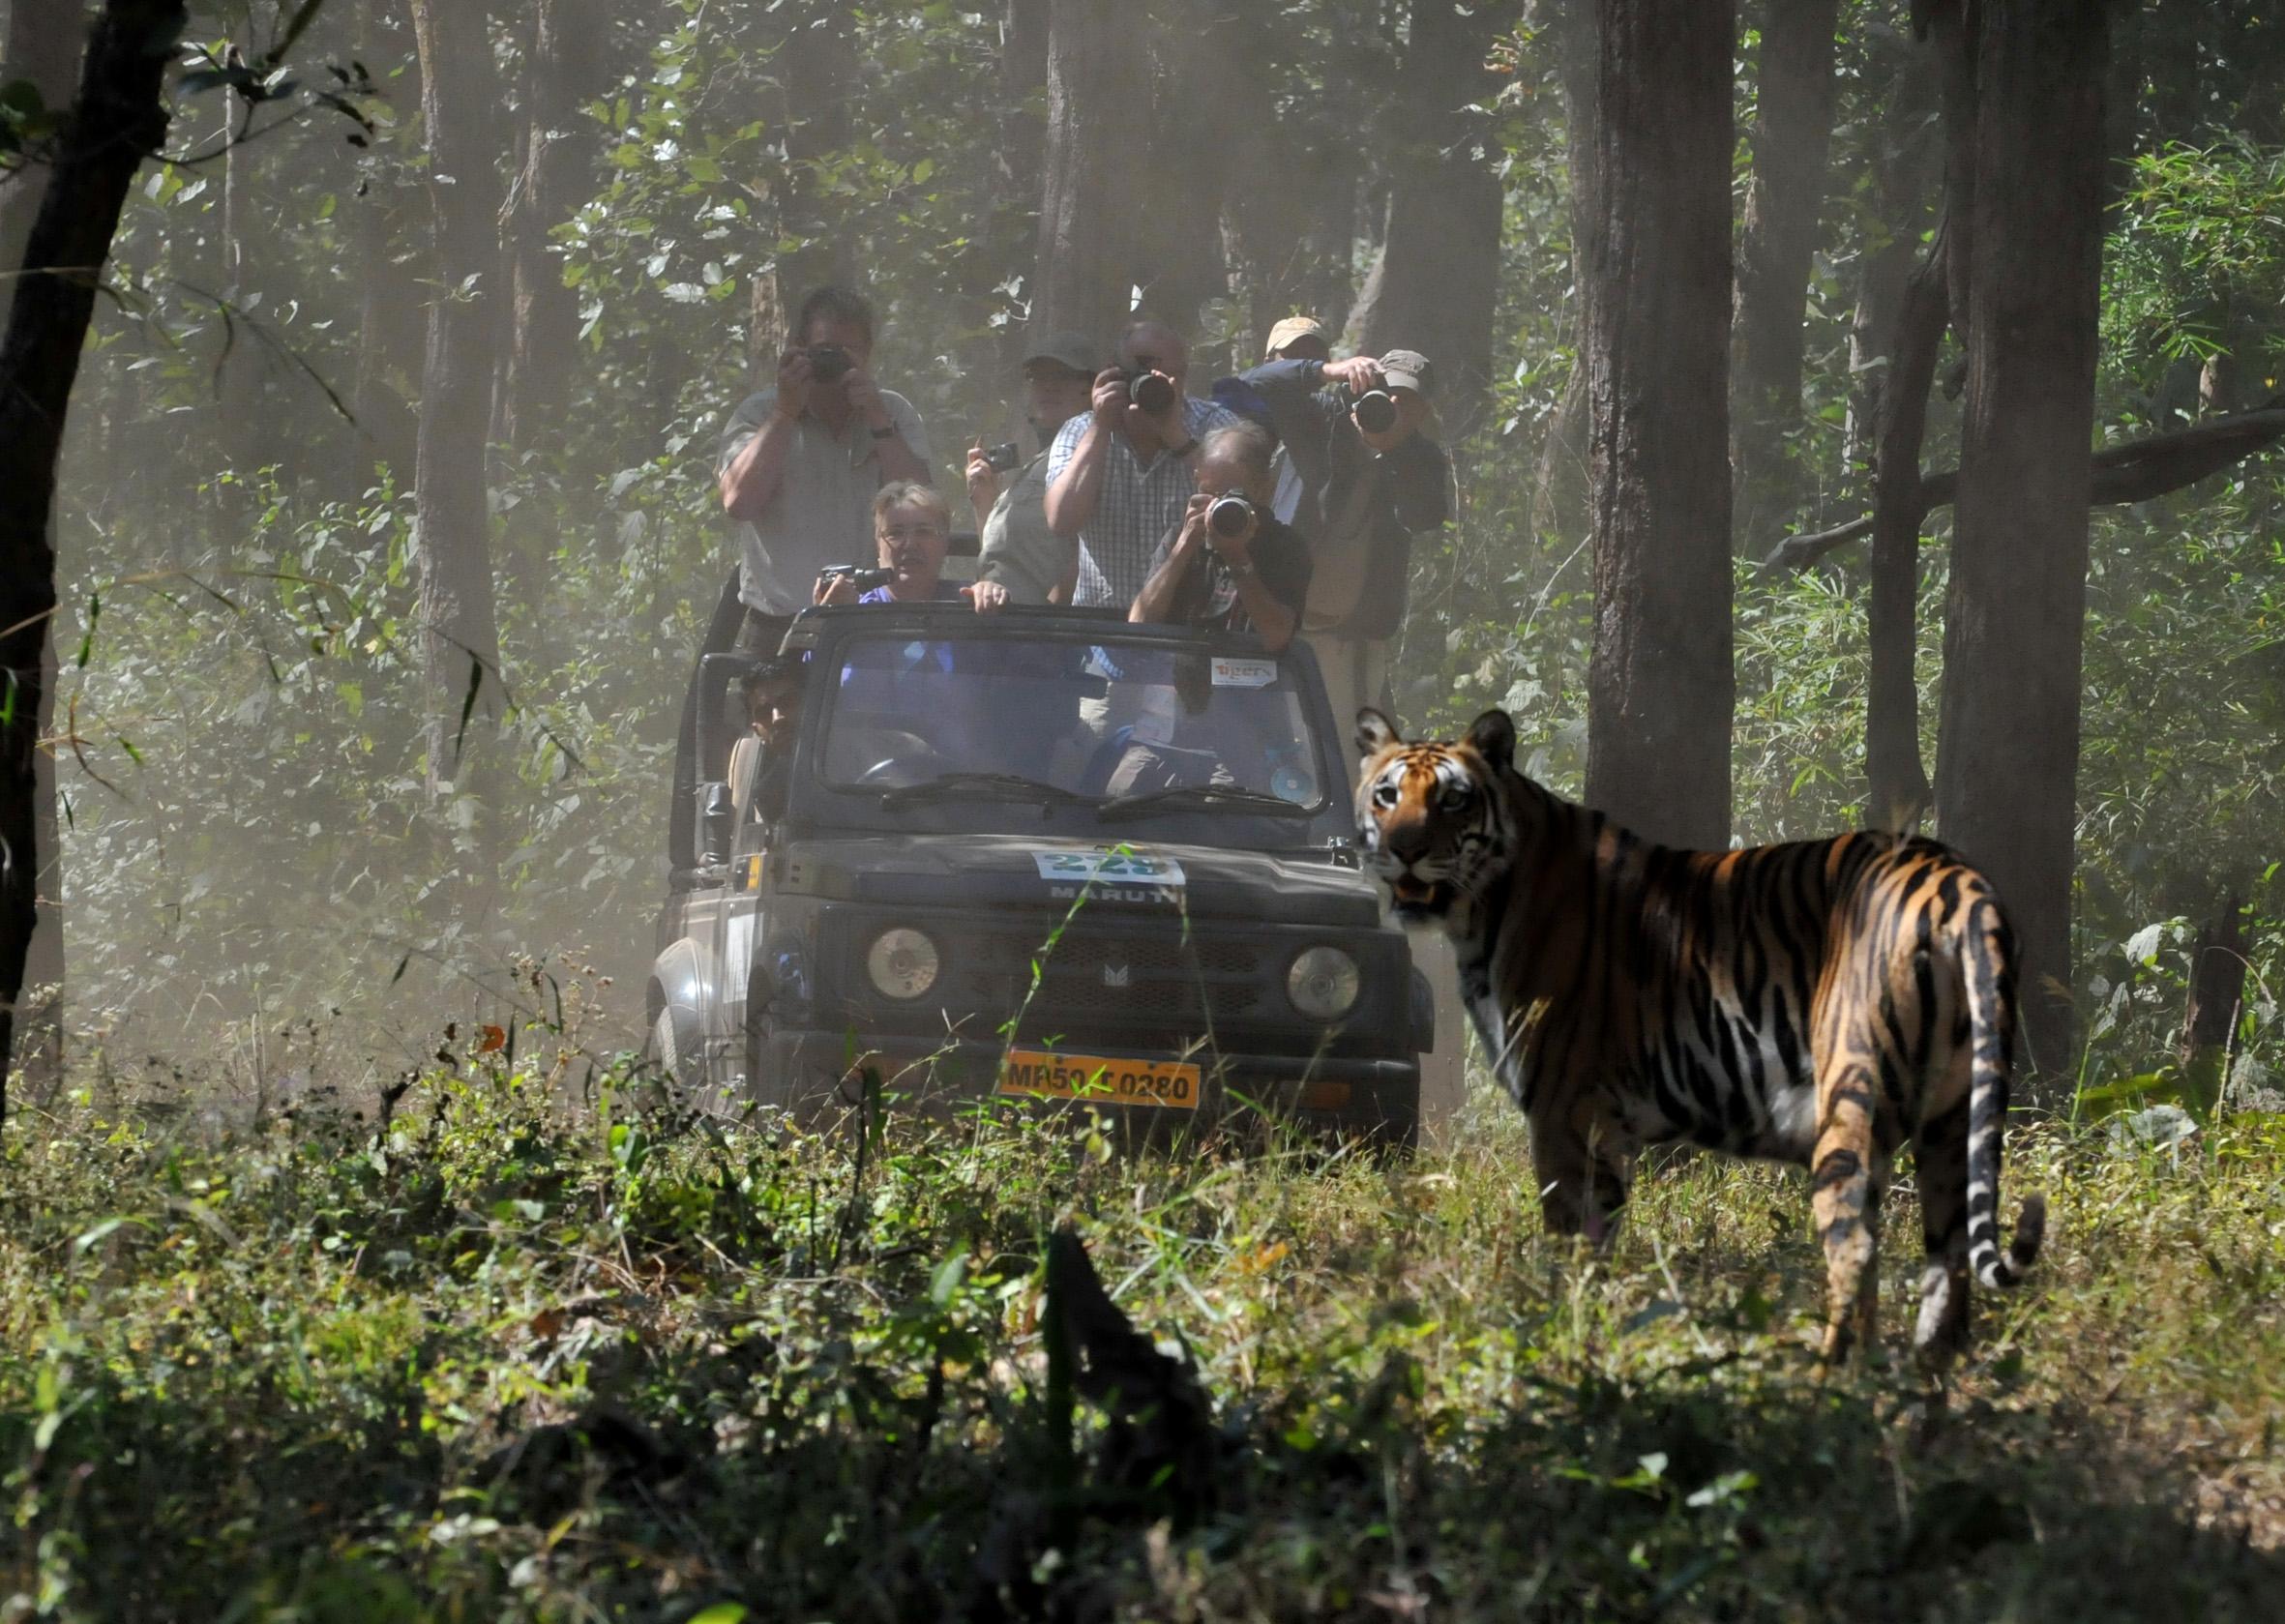 foto van tijger die in camera kijkt en daarachter een jeep met fotografen